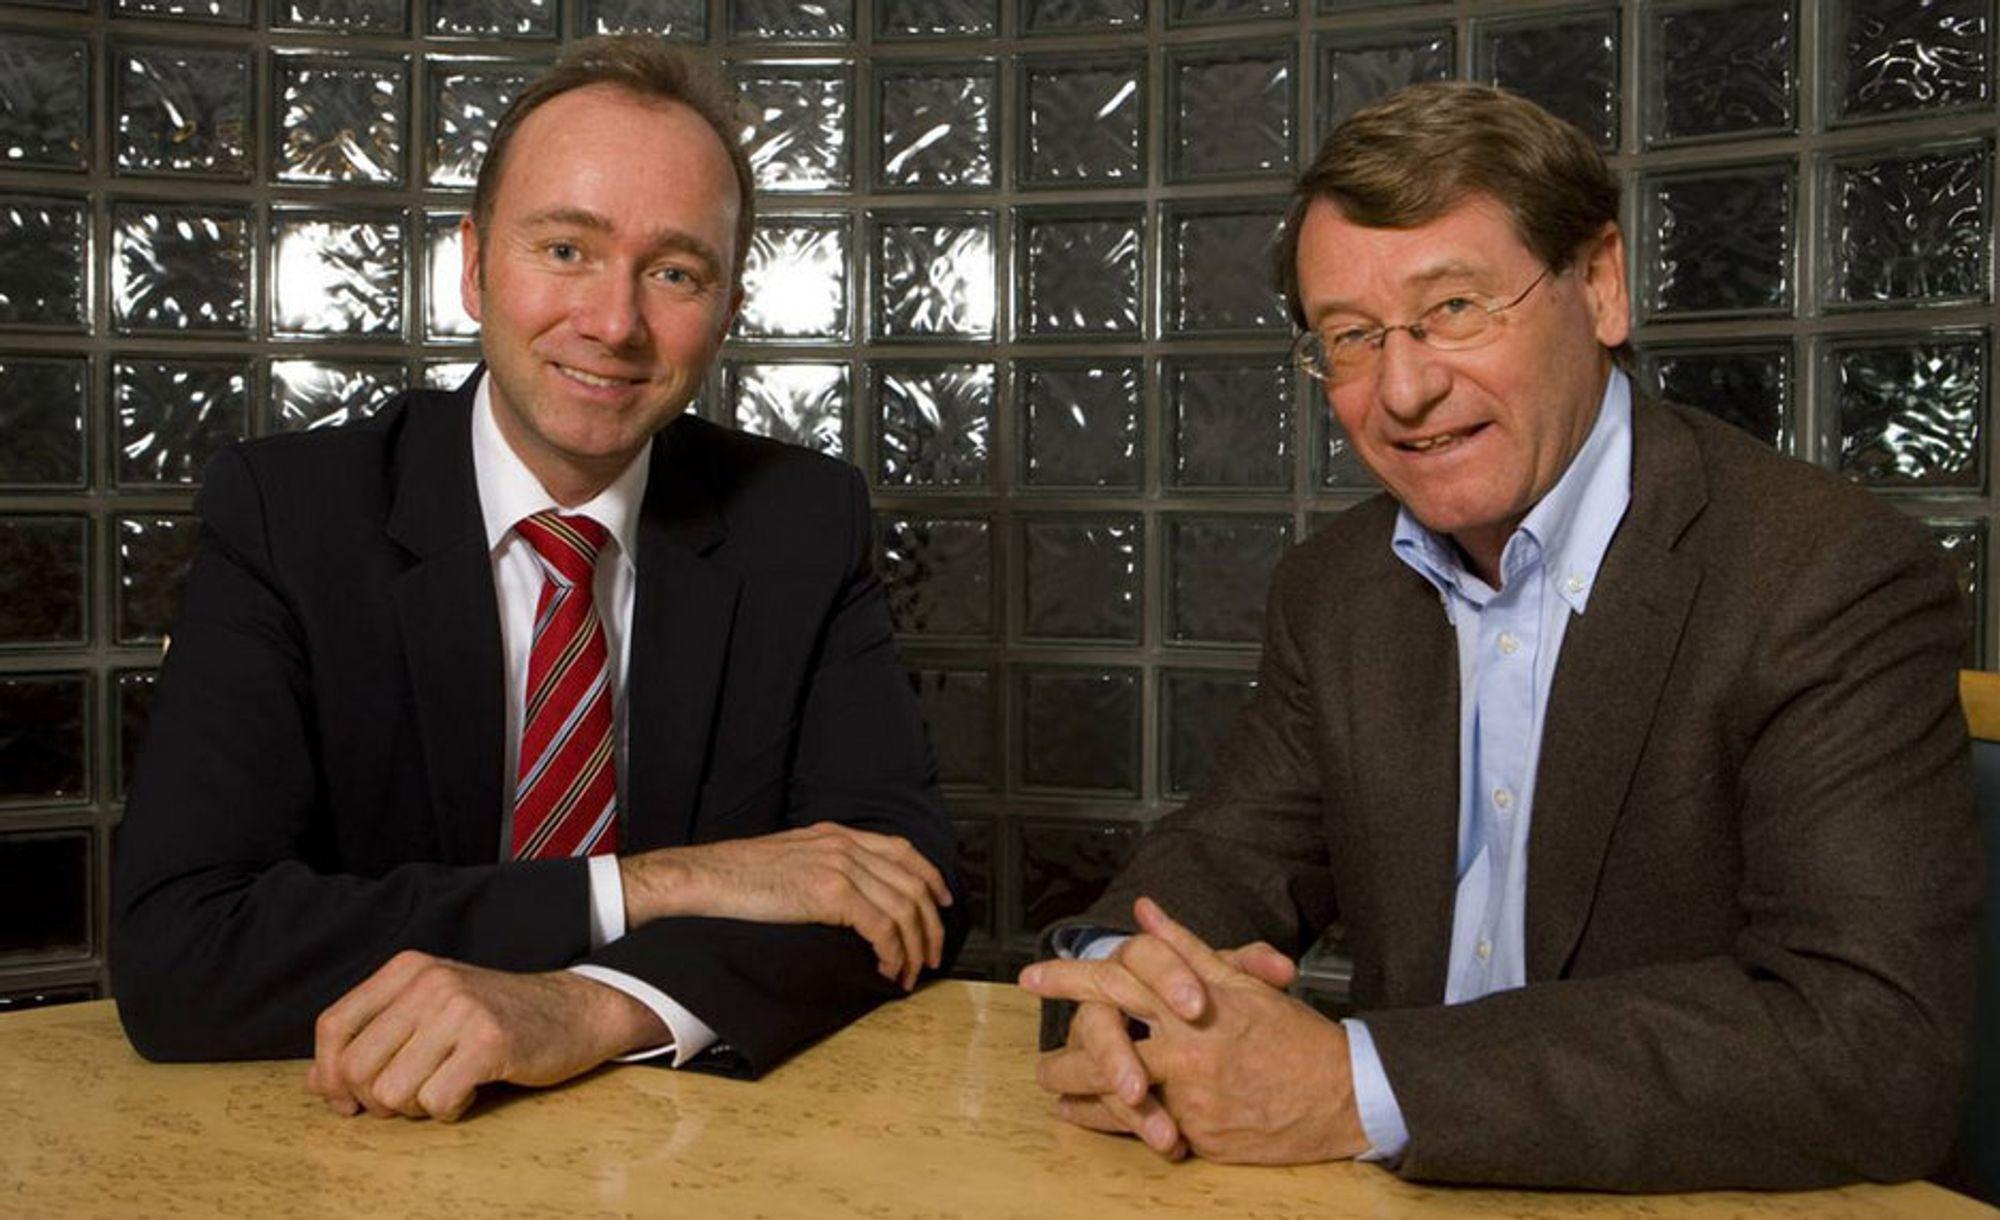 Næringsminister Trond Giske ønsker mer design i norske bedrifter. Administrerende direktør Jan R. Stavik i Norsk Design er enig.